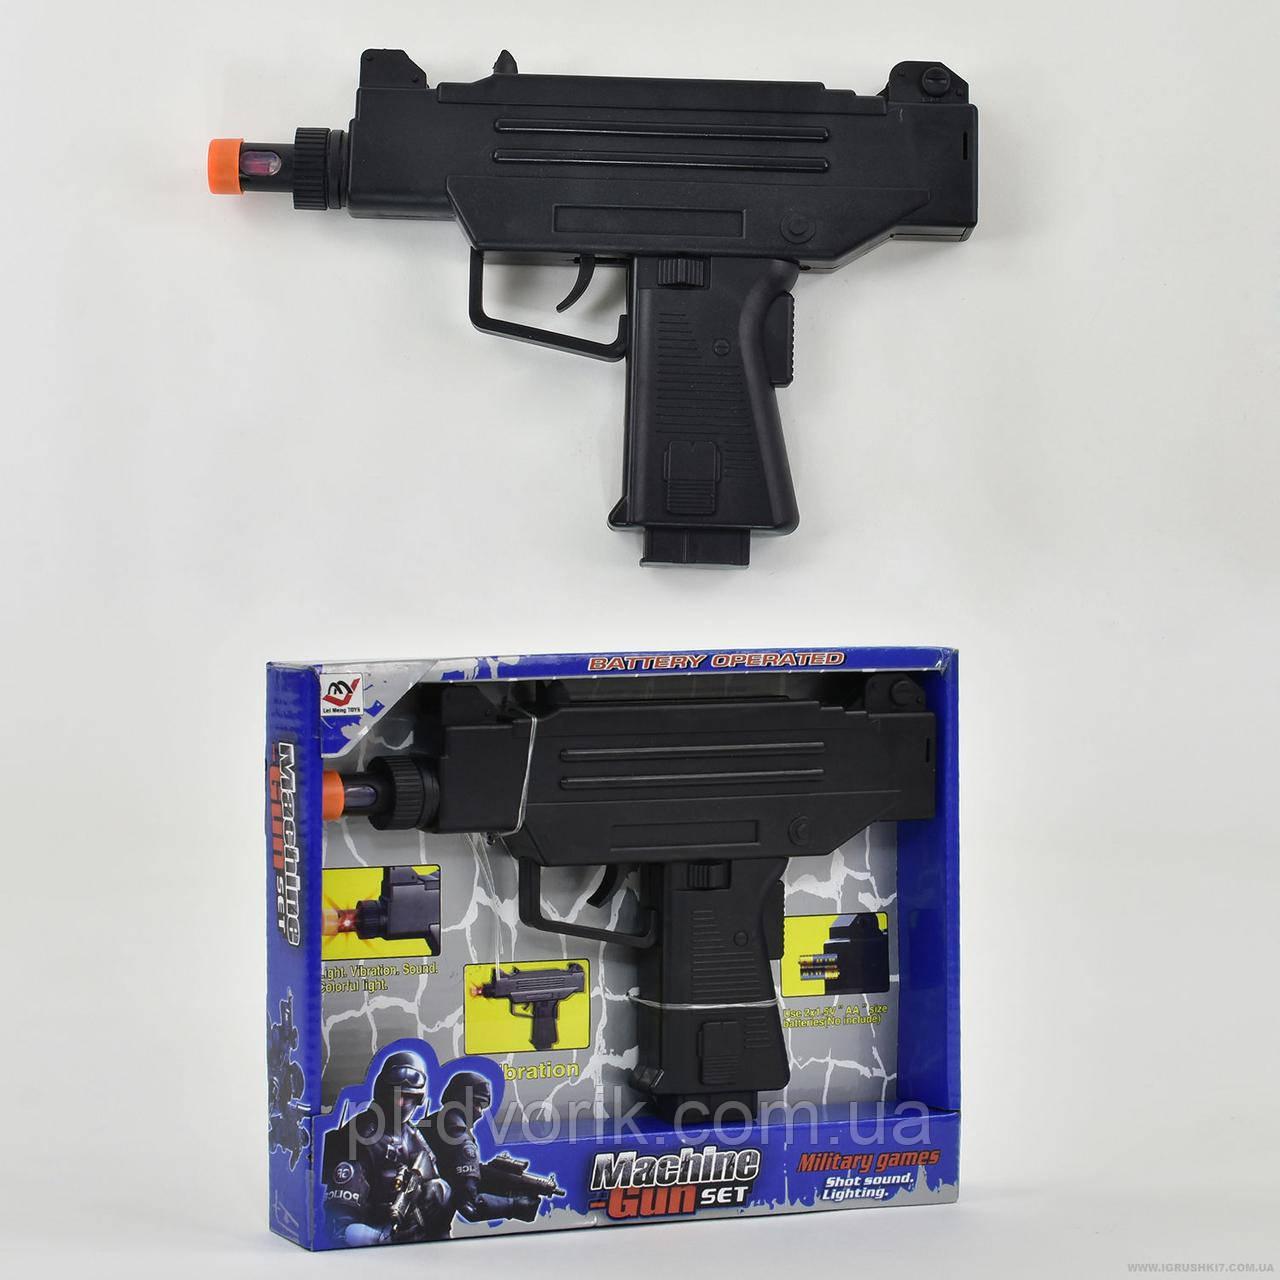 Пистолет 0091 (96) музыкальный, в коробке Пистолет 0091 (96) музыкальный, в коробке Длина:24 см Ширина:3 см